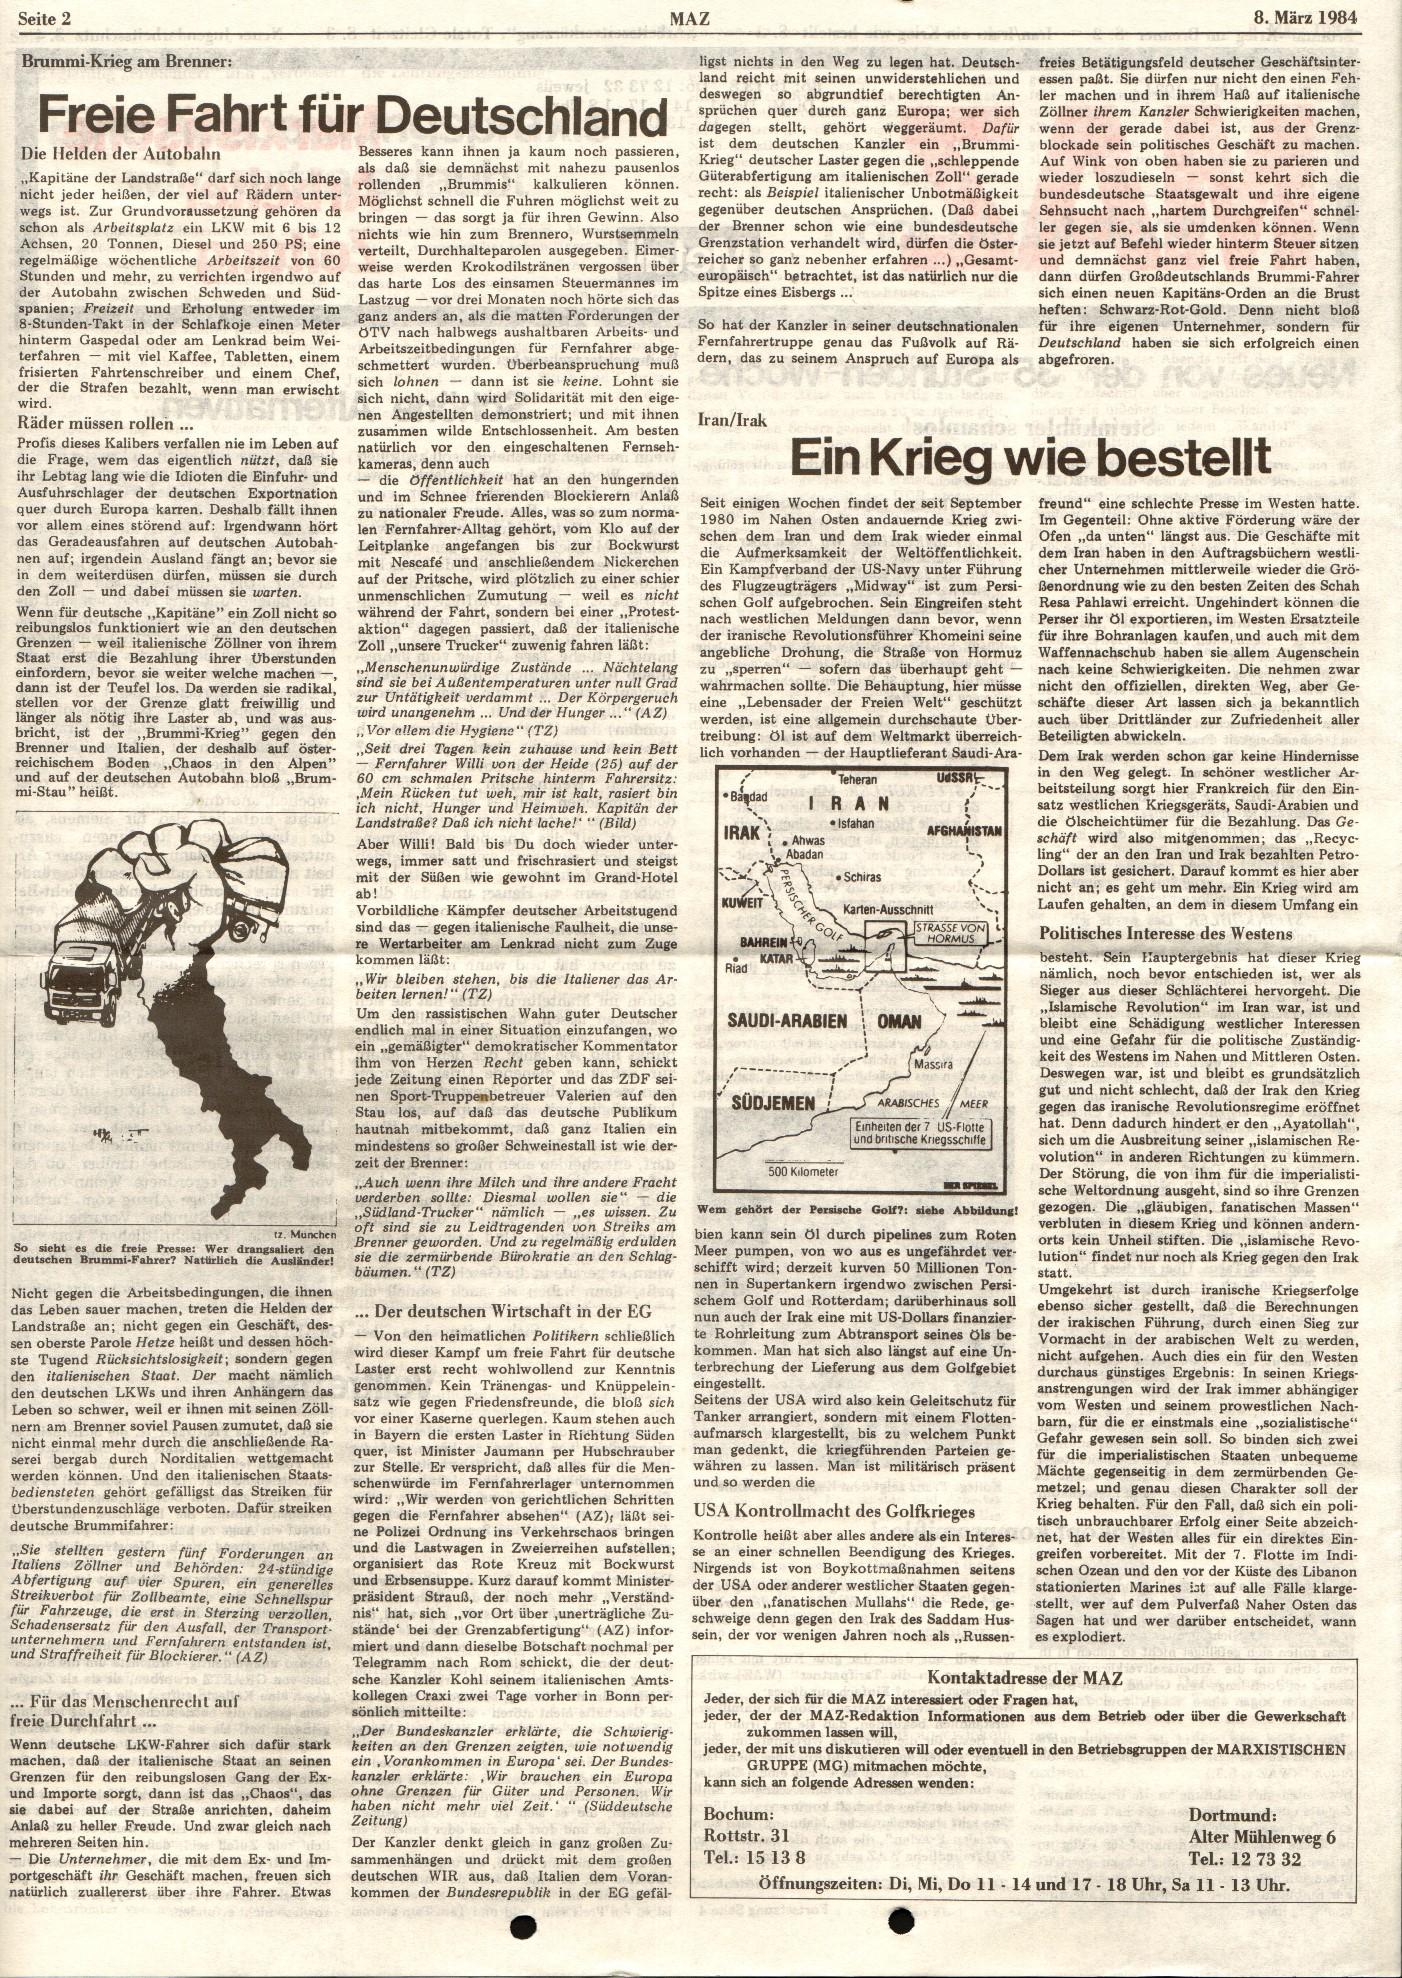 Ruhrgebiet_MG_Marxistische_Arbeiterzeitung_Metall_19840308_02